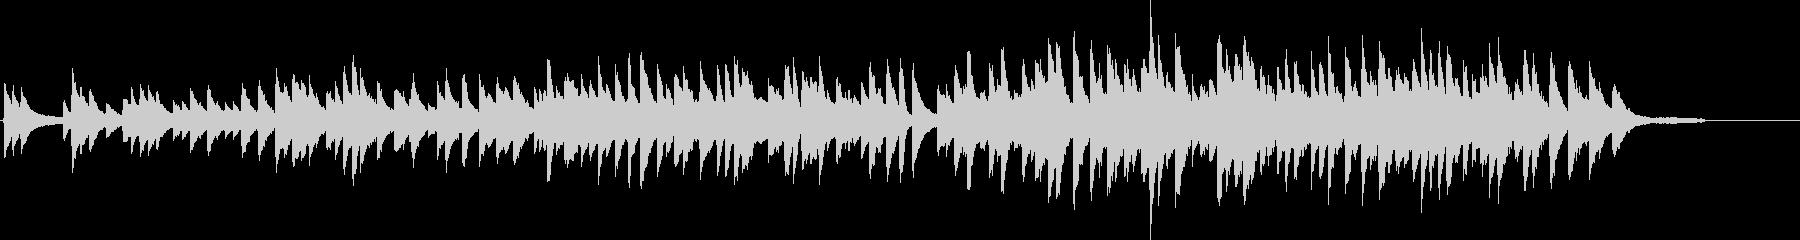 切ないピアノインストの未再生の波形